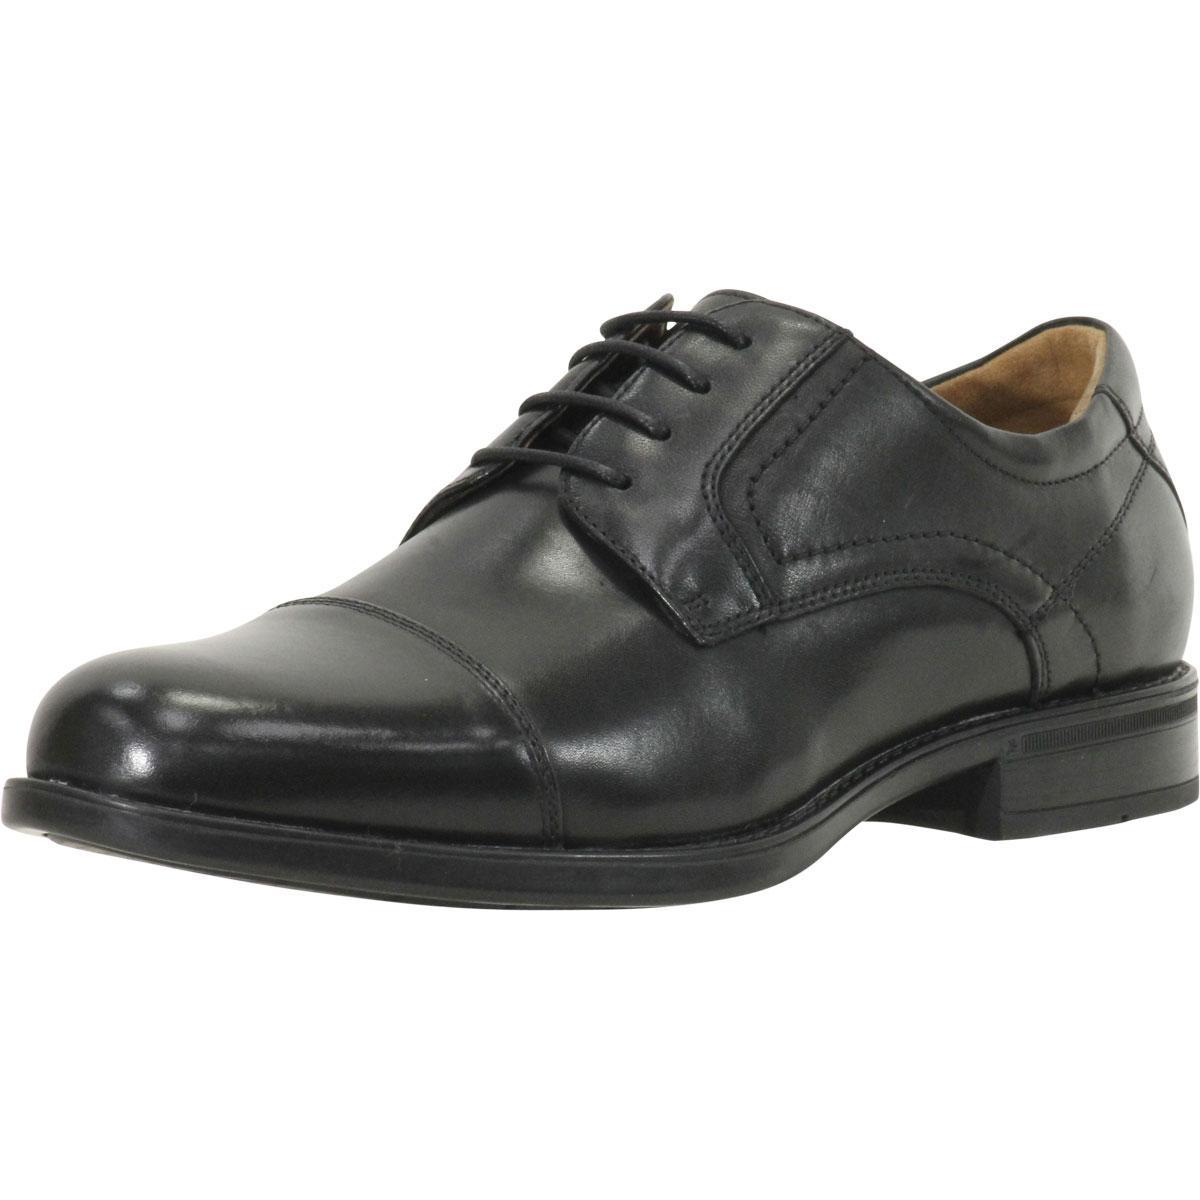 Image of Florsheim Comfortech Men's Midtown Cap Toe Oxfords Shoes - Black - 9 D(M) US